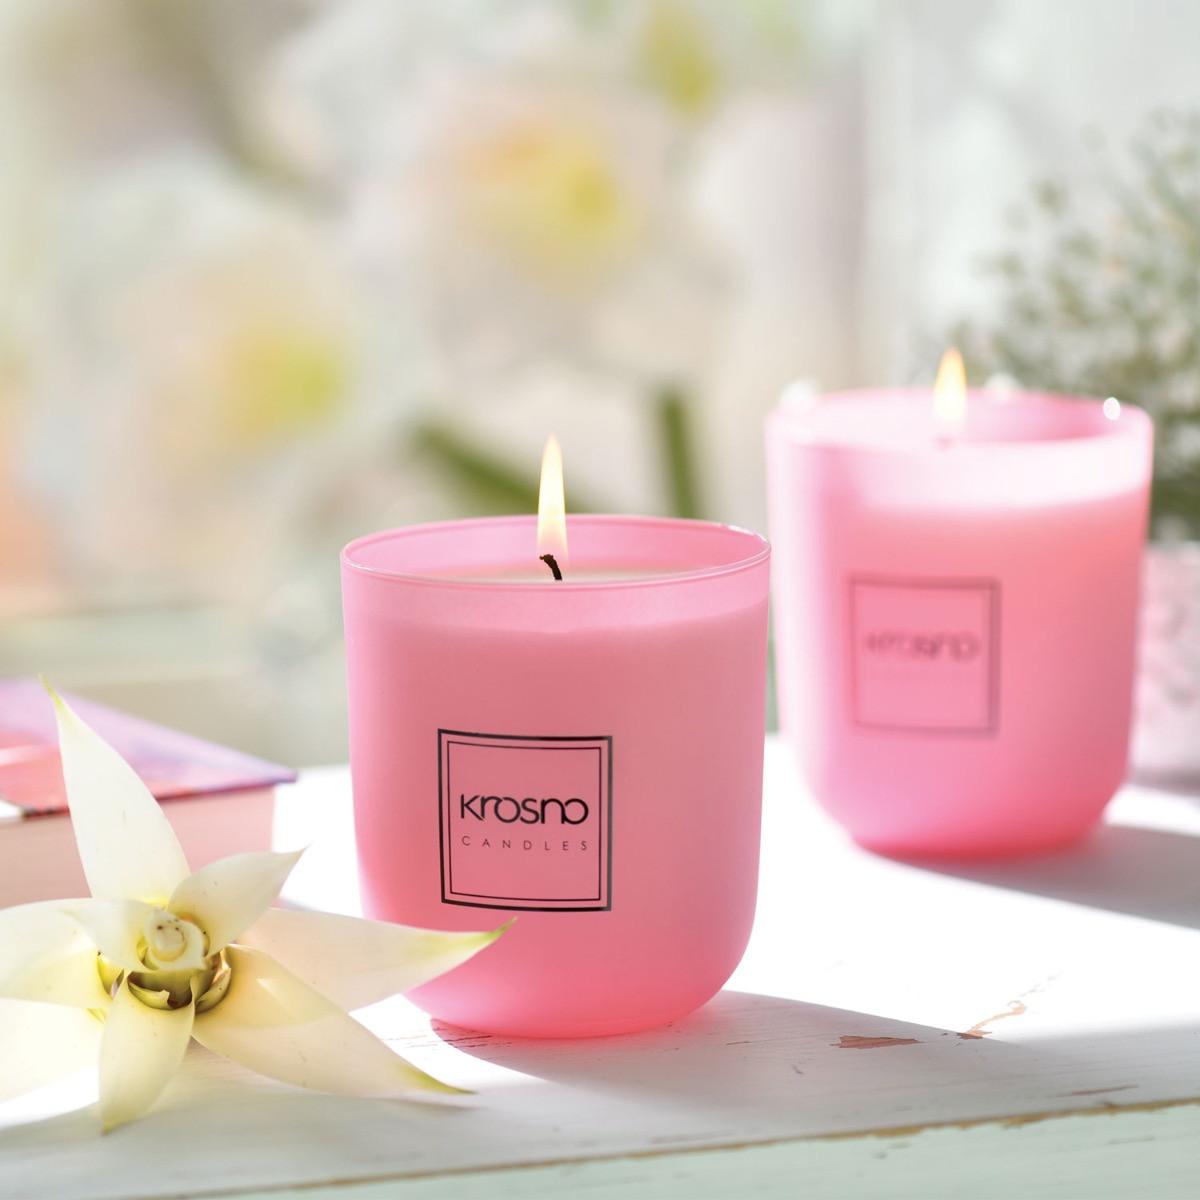 Świece zapachowe Glamour KROSNO Candles